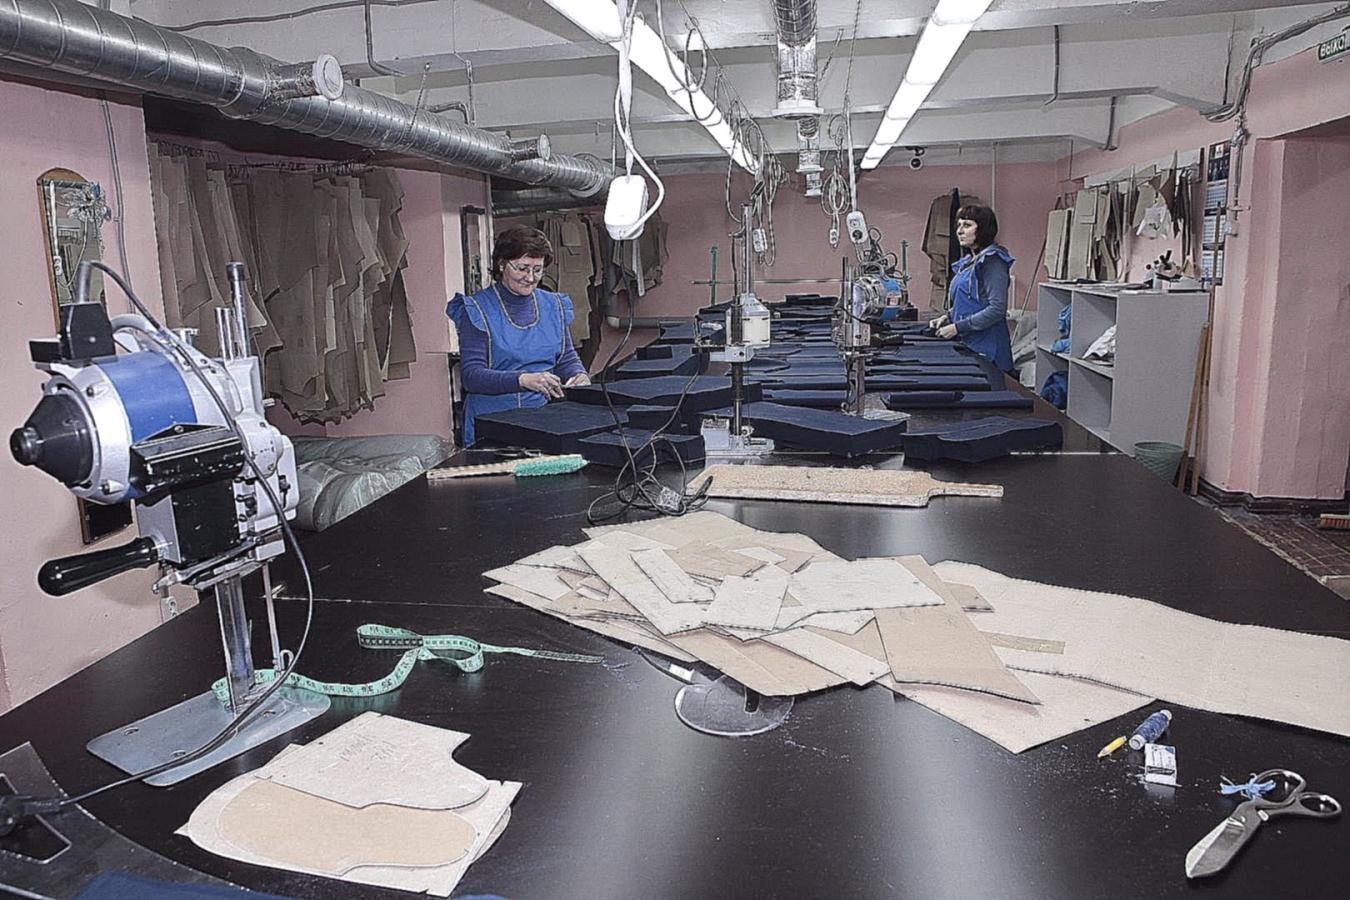 доктор технология пошива одежды картинки искусственный